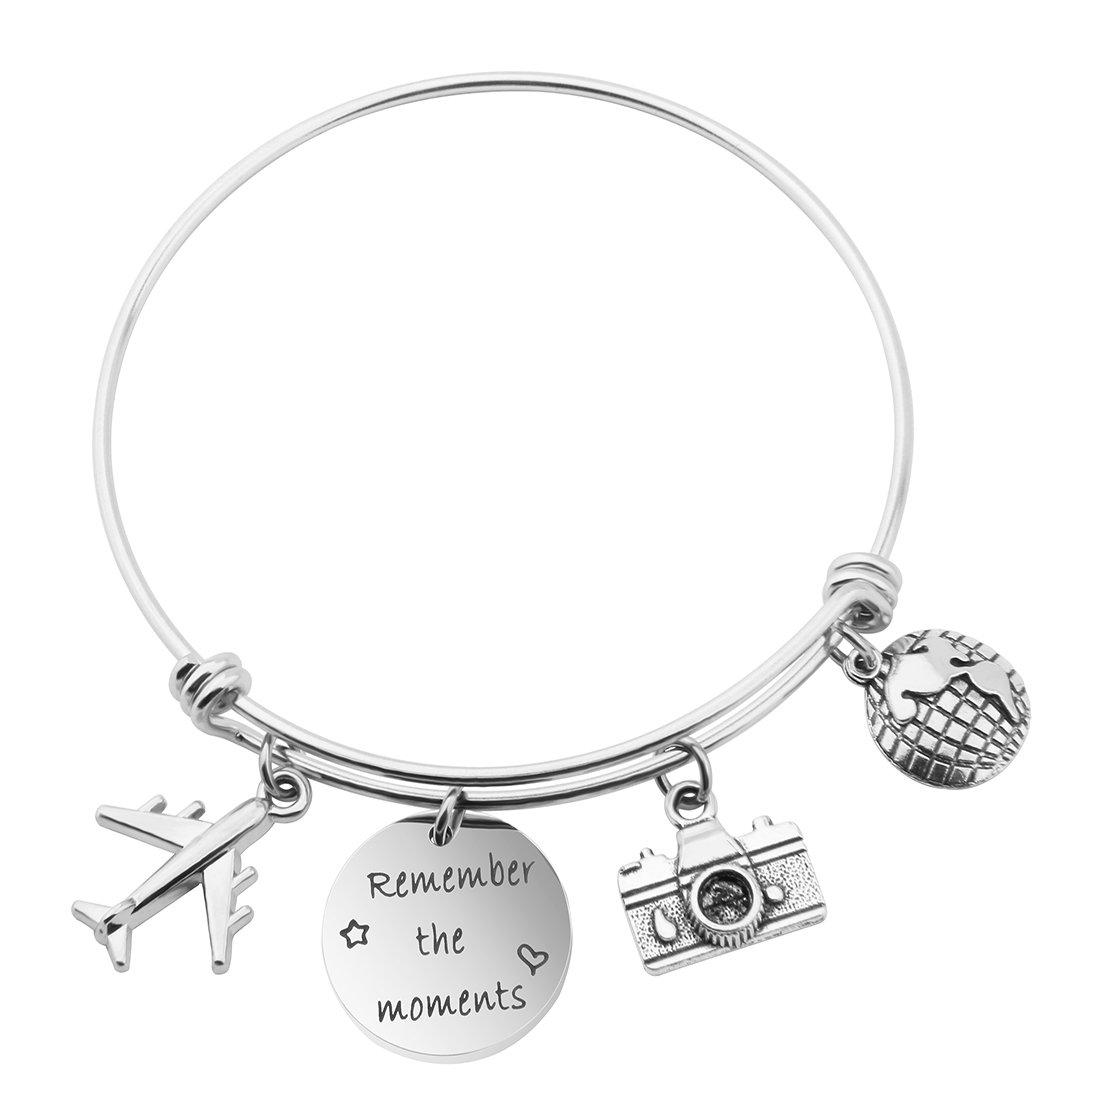 MAOFAED Travel Bracelet Remember the moments Traveler Bracelet Gift for Pilot flight attendant Trip Jewelry(Remember the moments Bracelet)